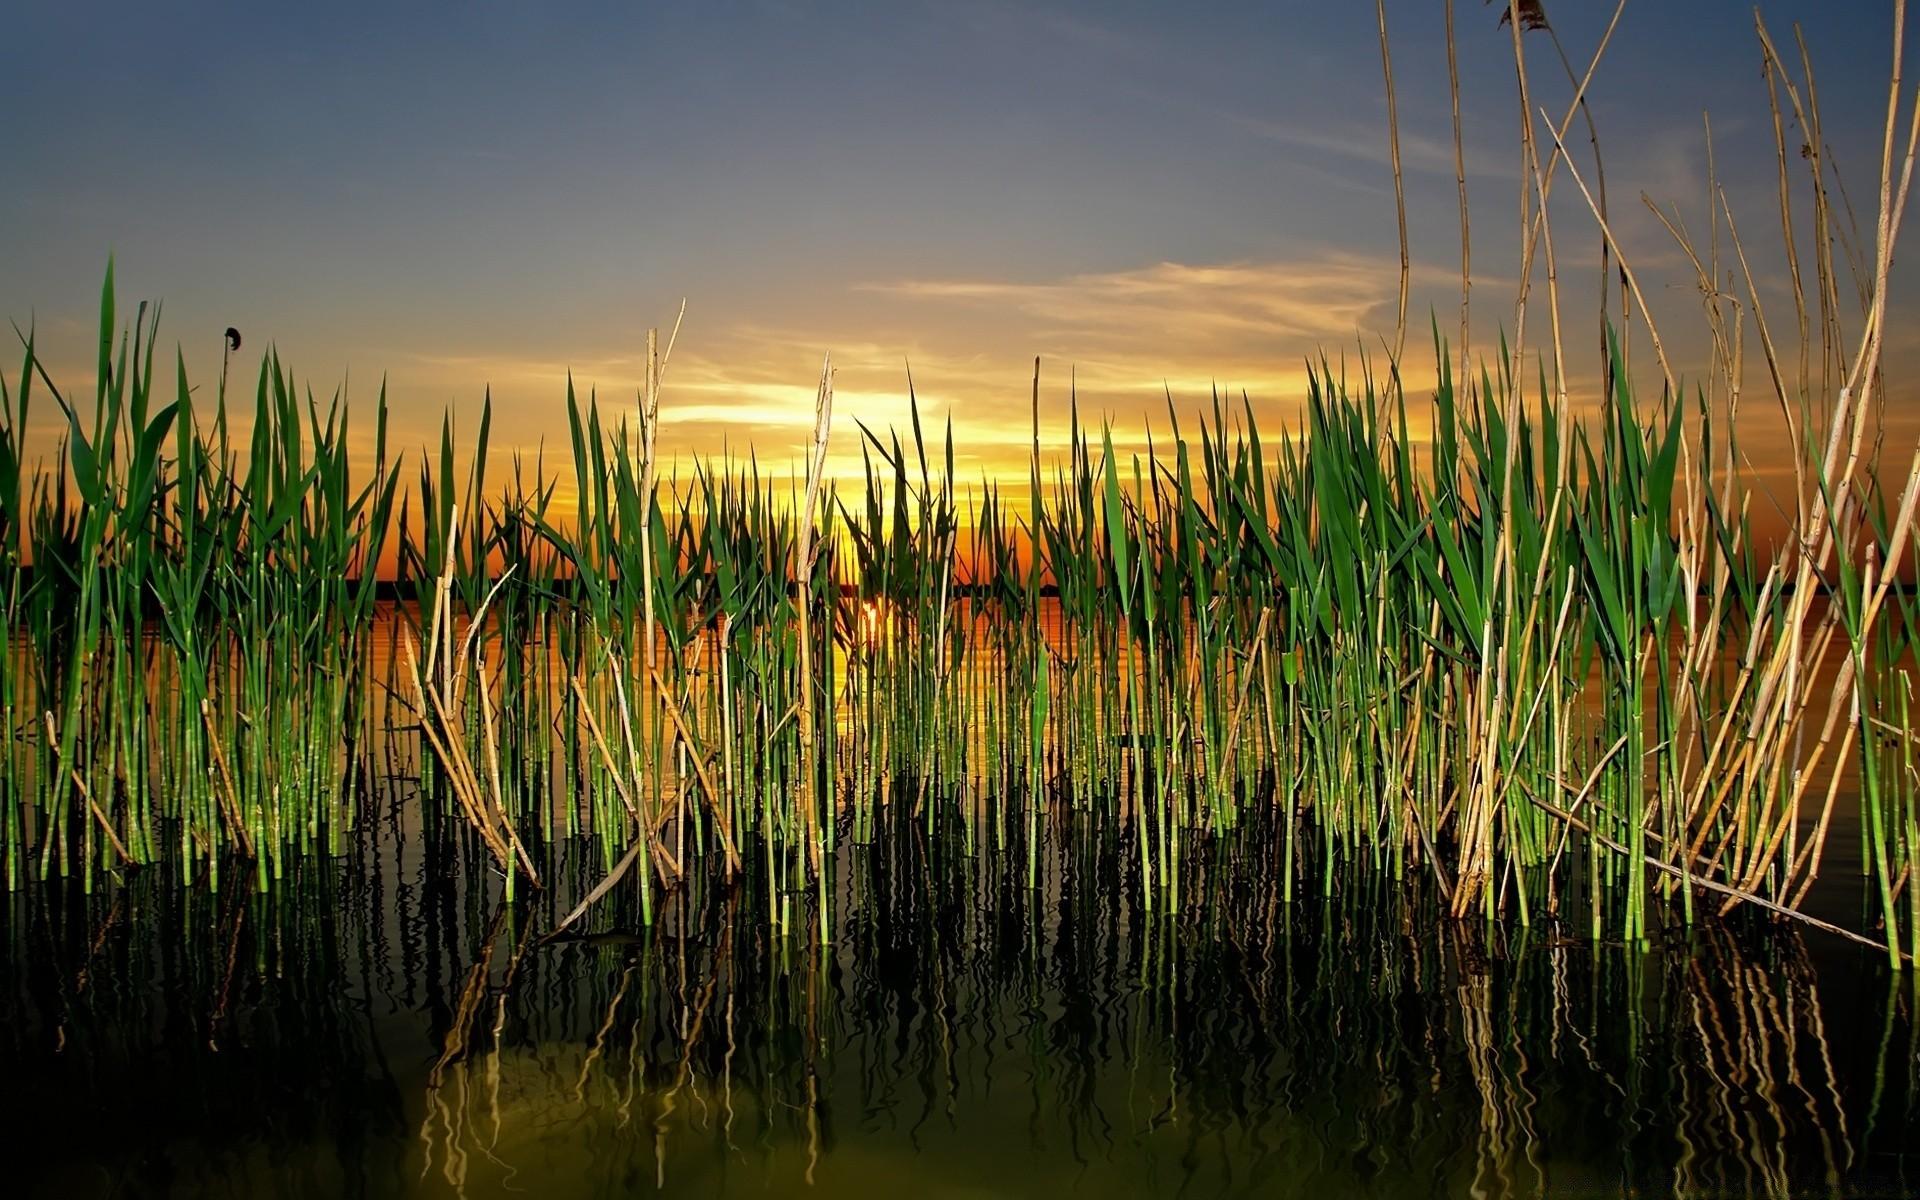 Картинки с камышами на озере, маленького разрешения